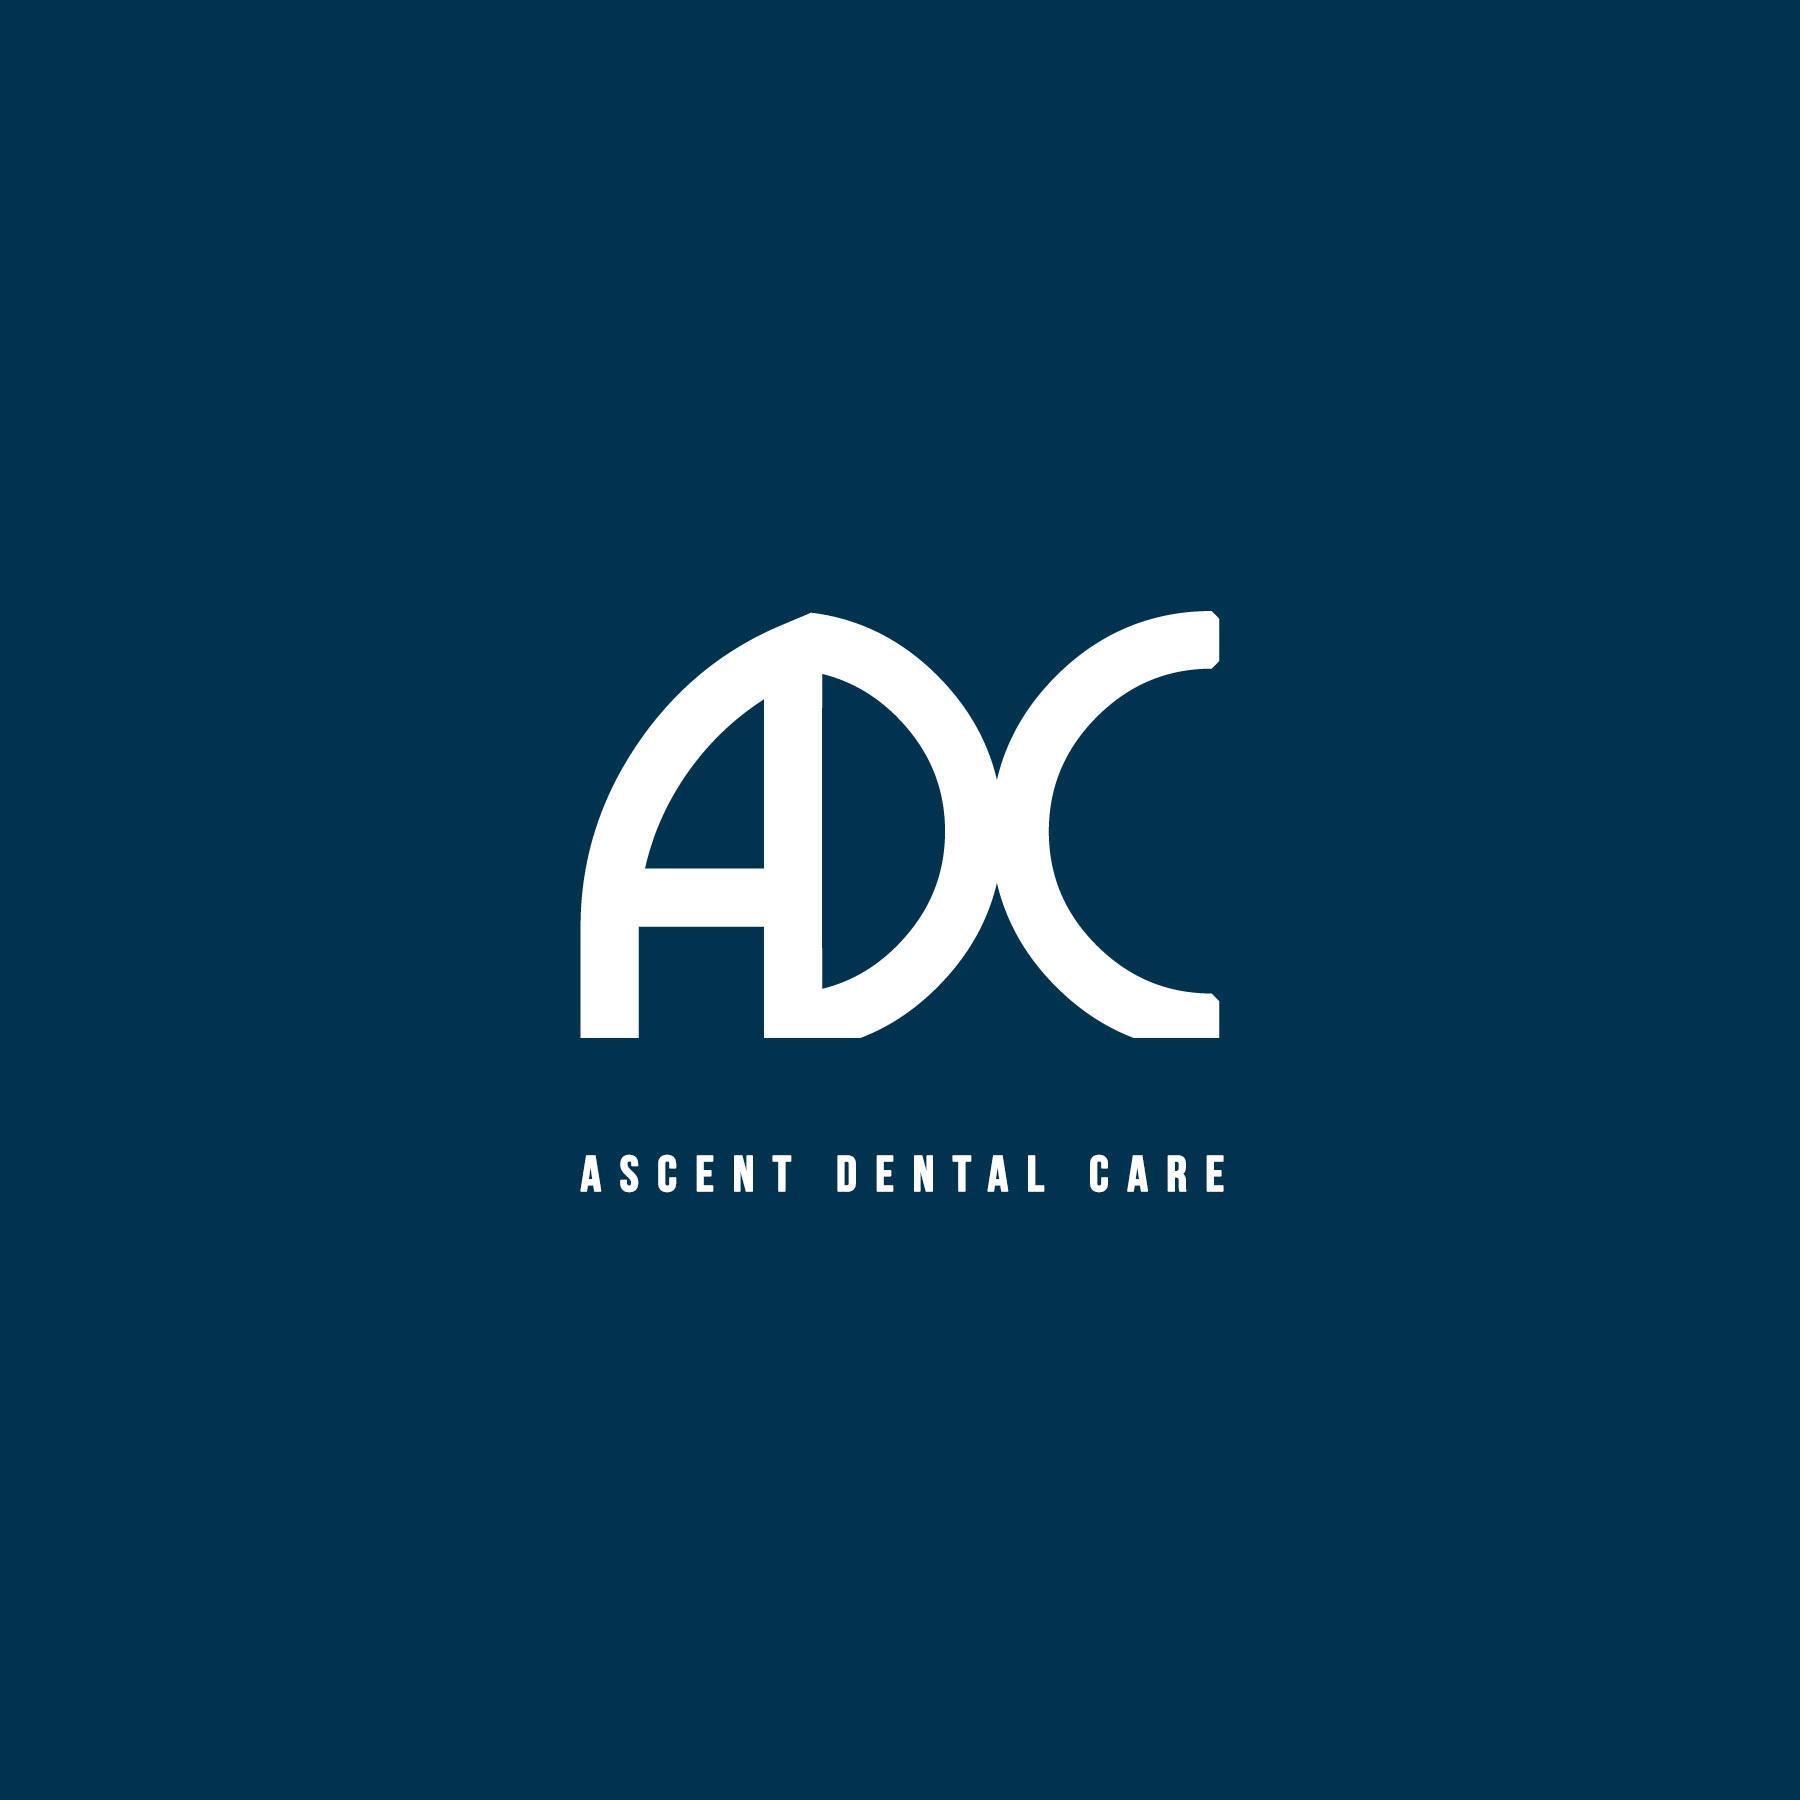 Ascent Dental Care